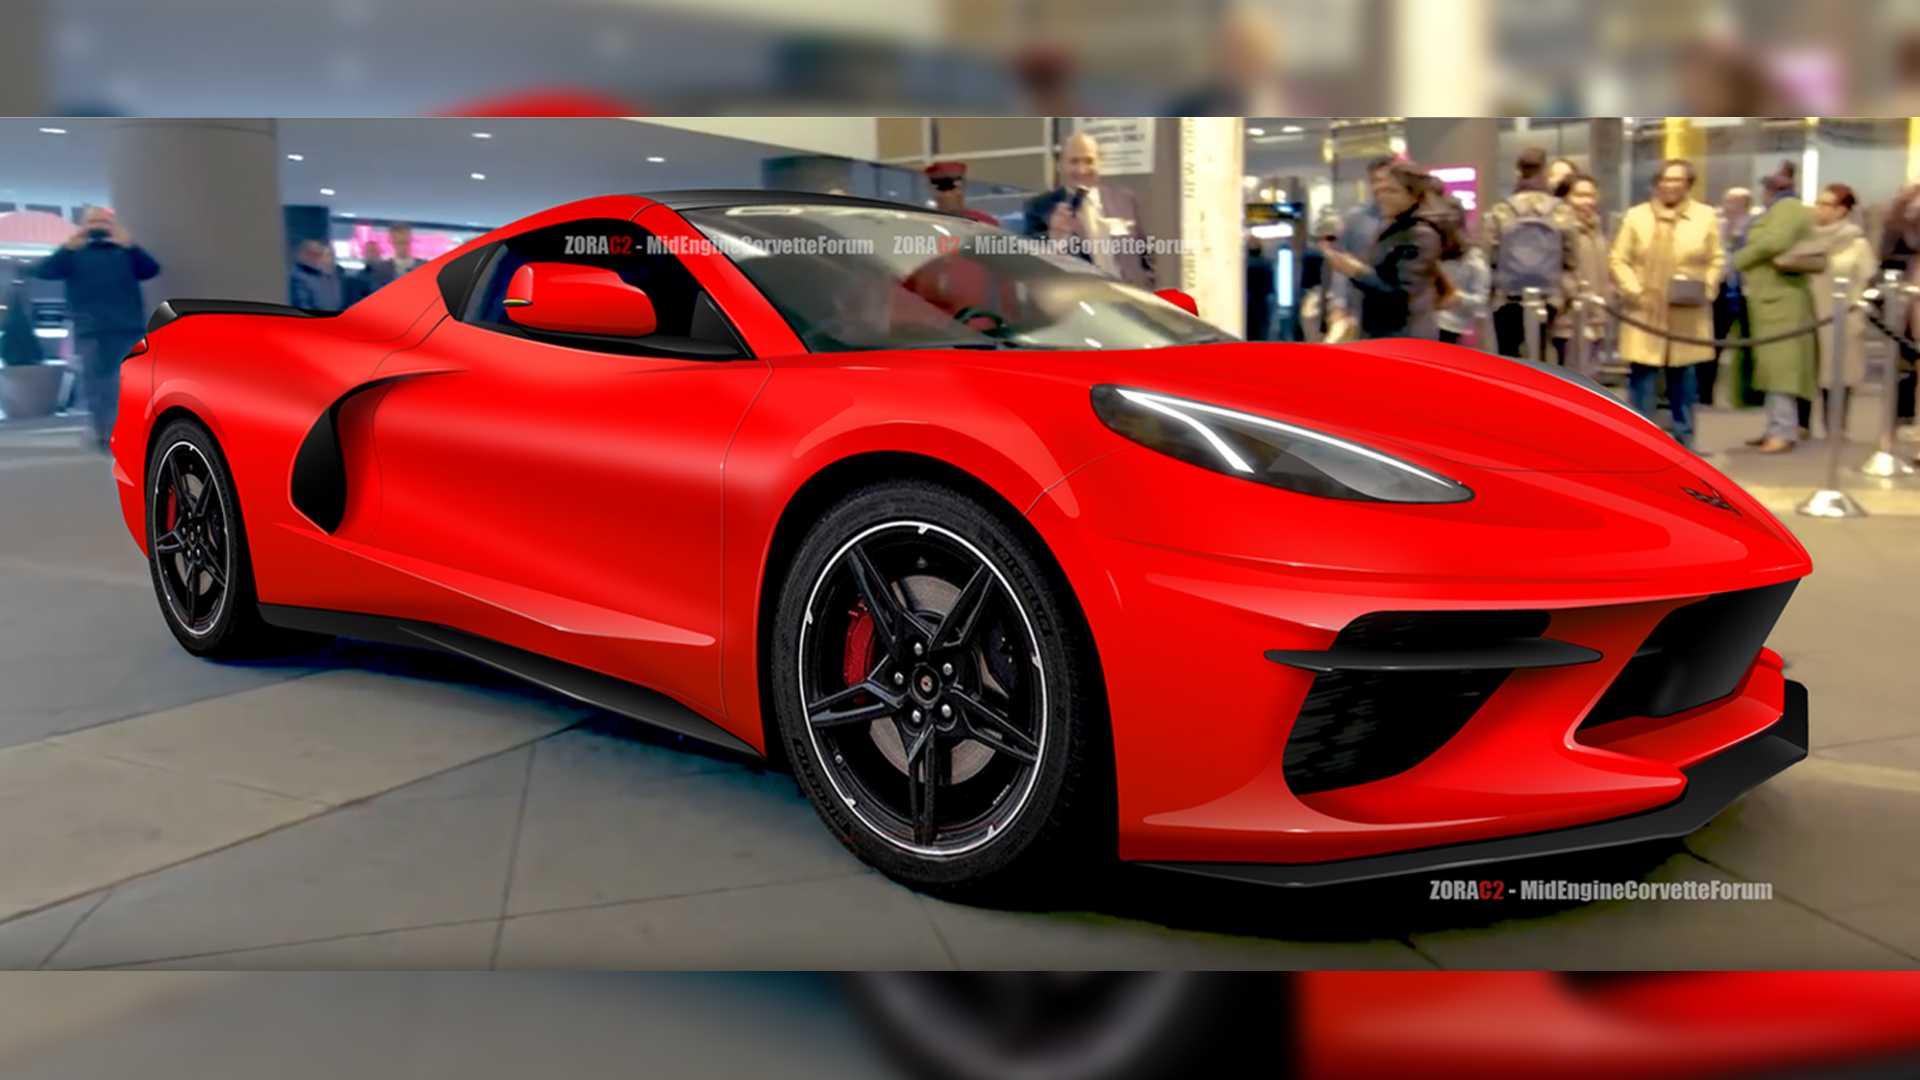 雪佛兰将推出2020款雪佛兰C8 Corvette跑车